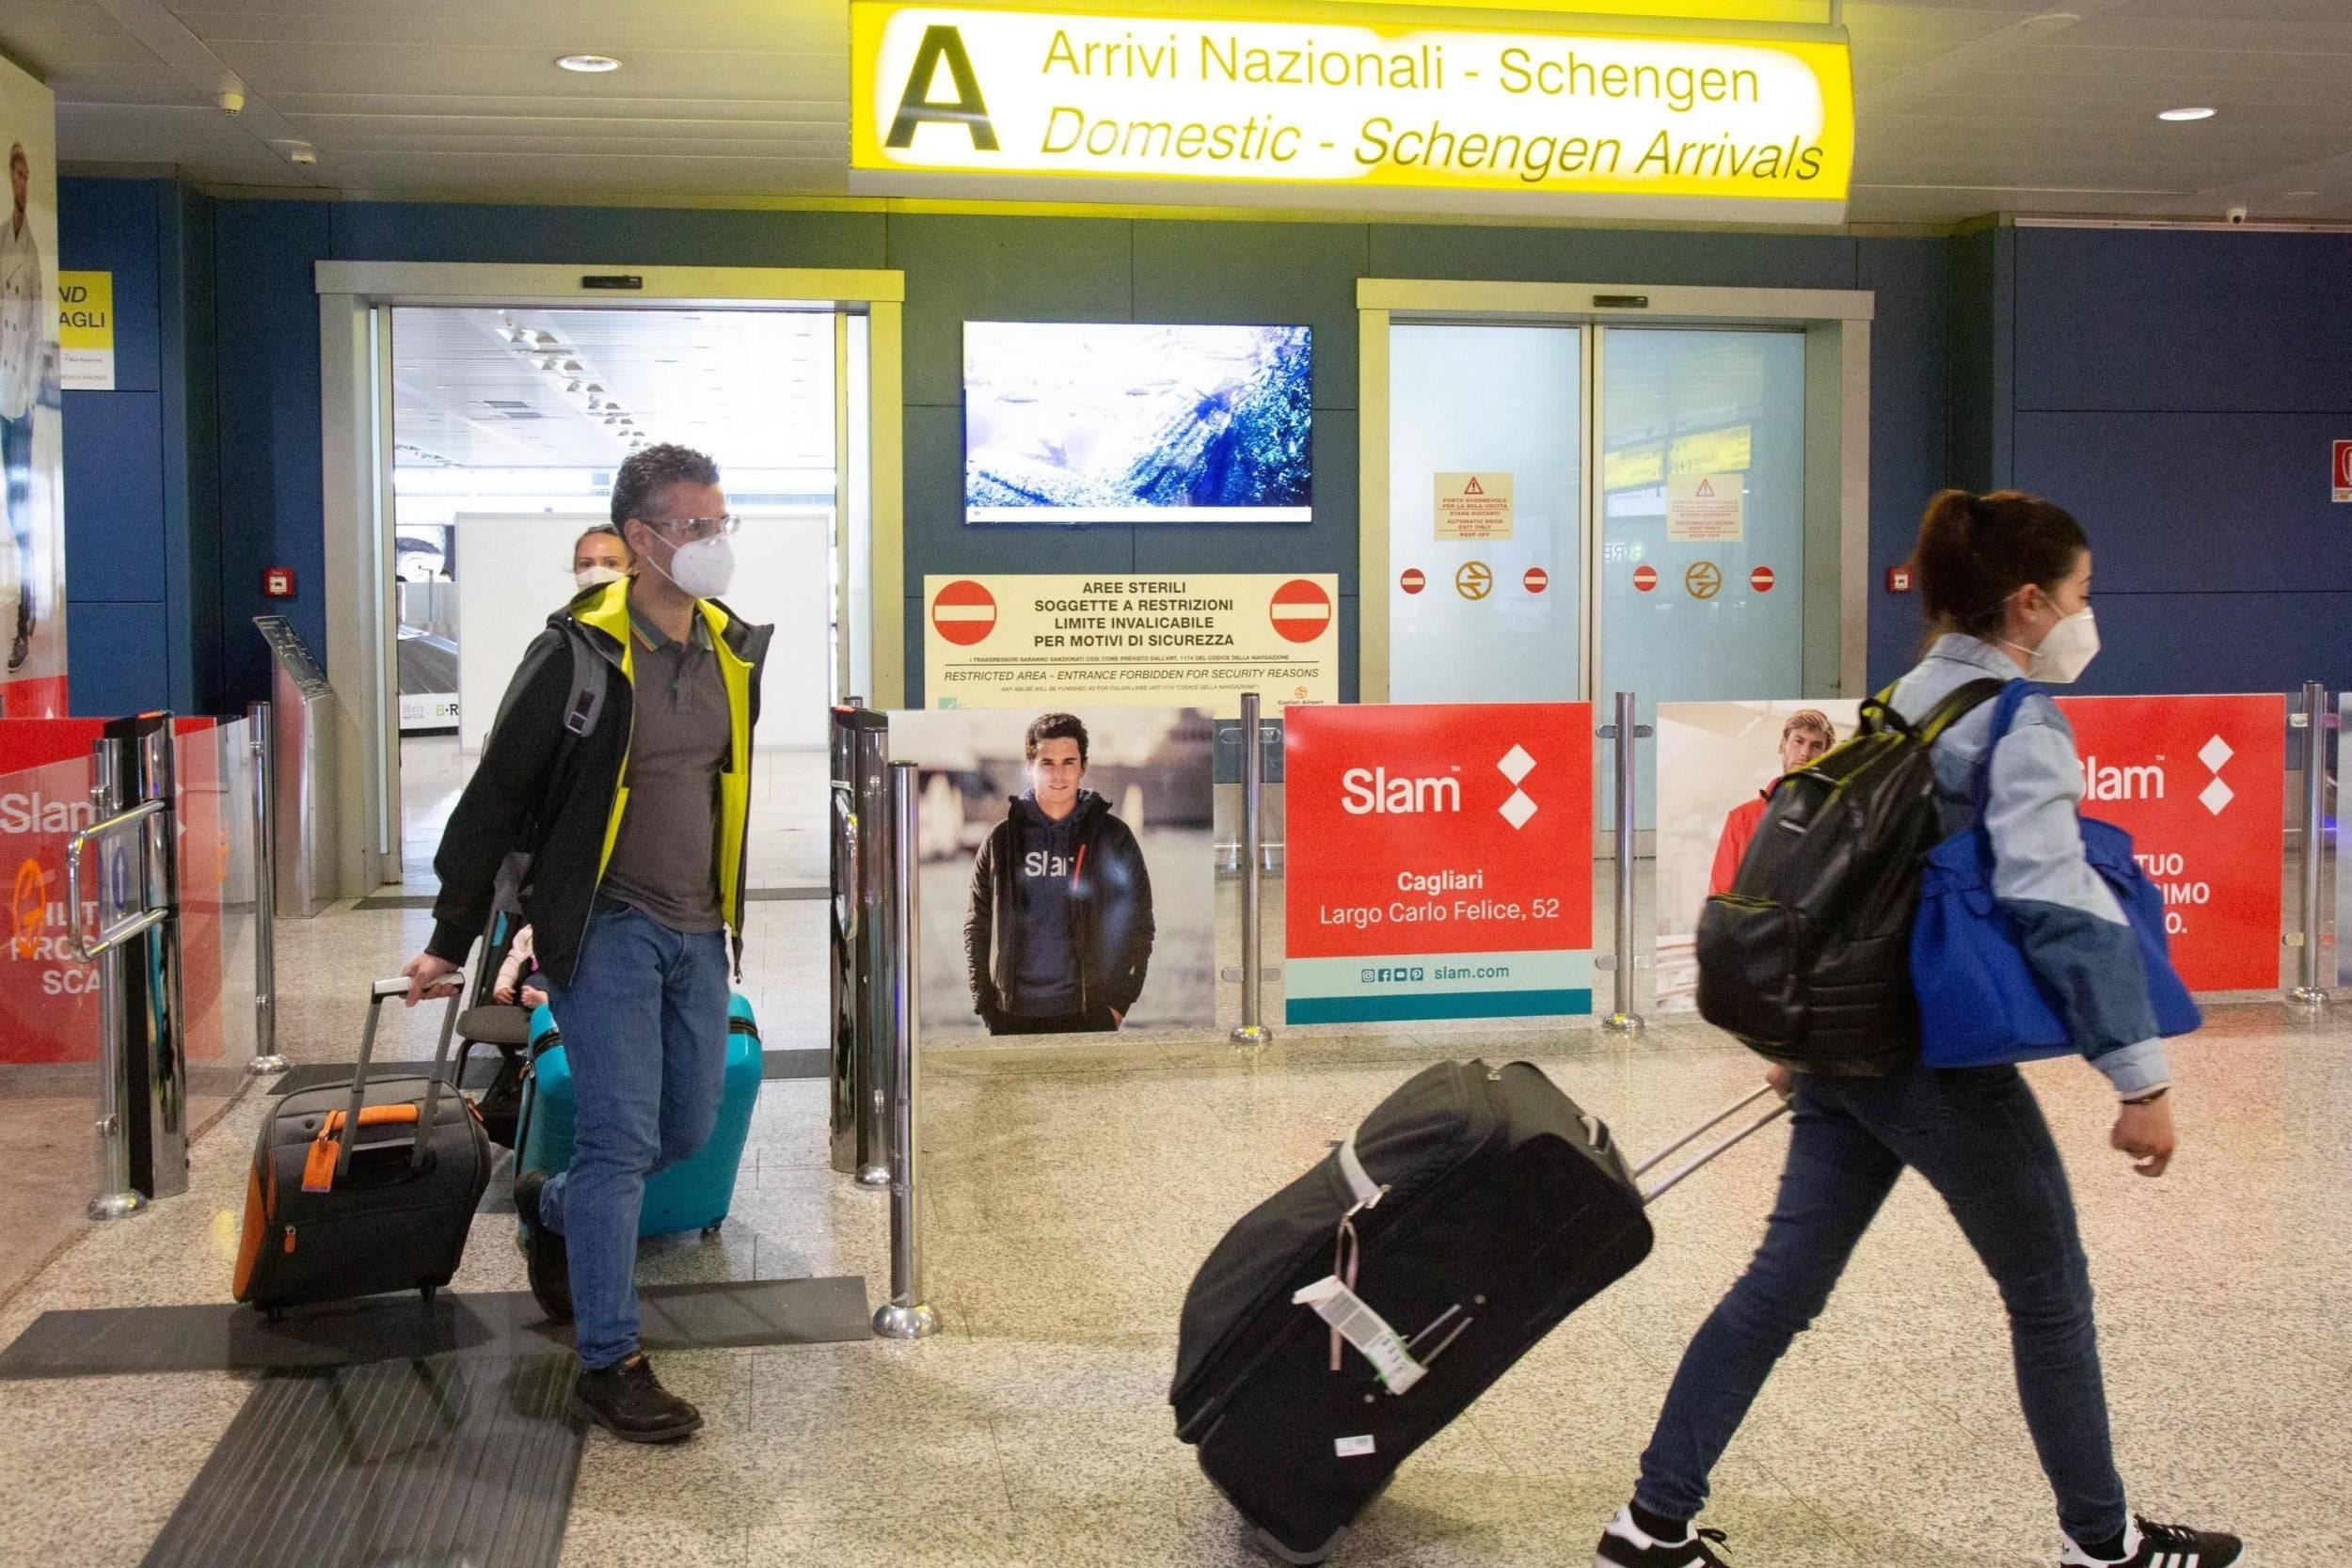 Когда италия открывает границы для россии в 2020 году, ситуация с коронавирусом в стране